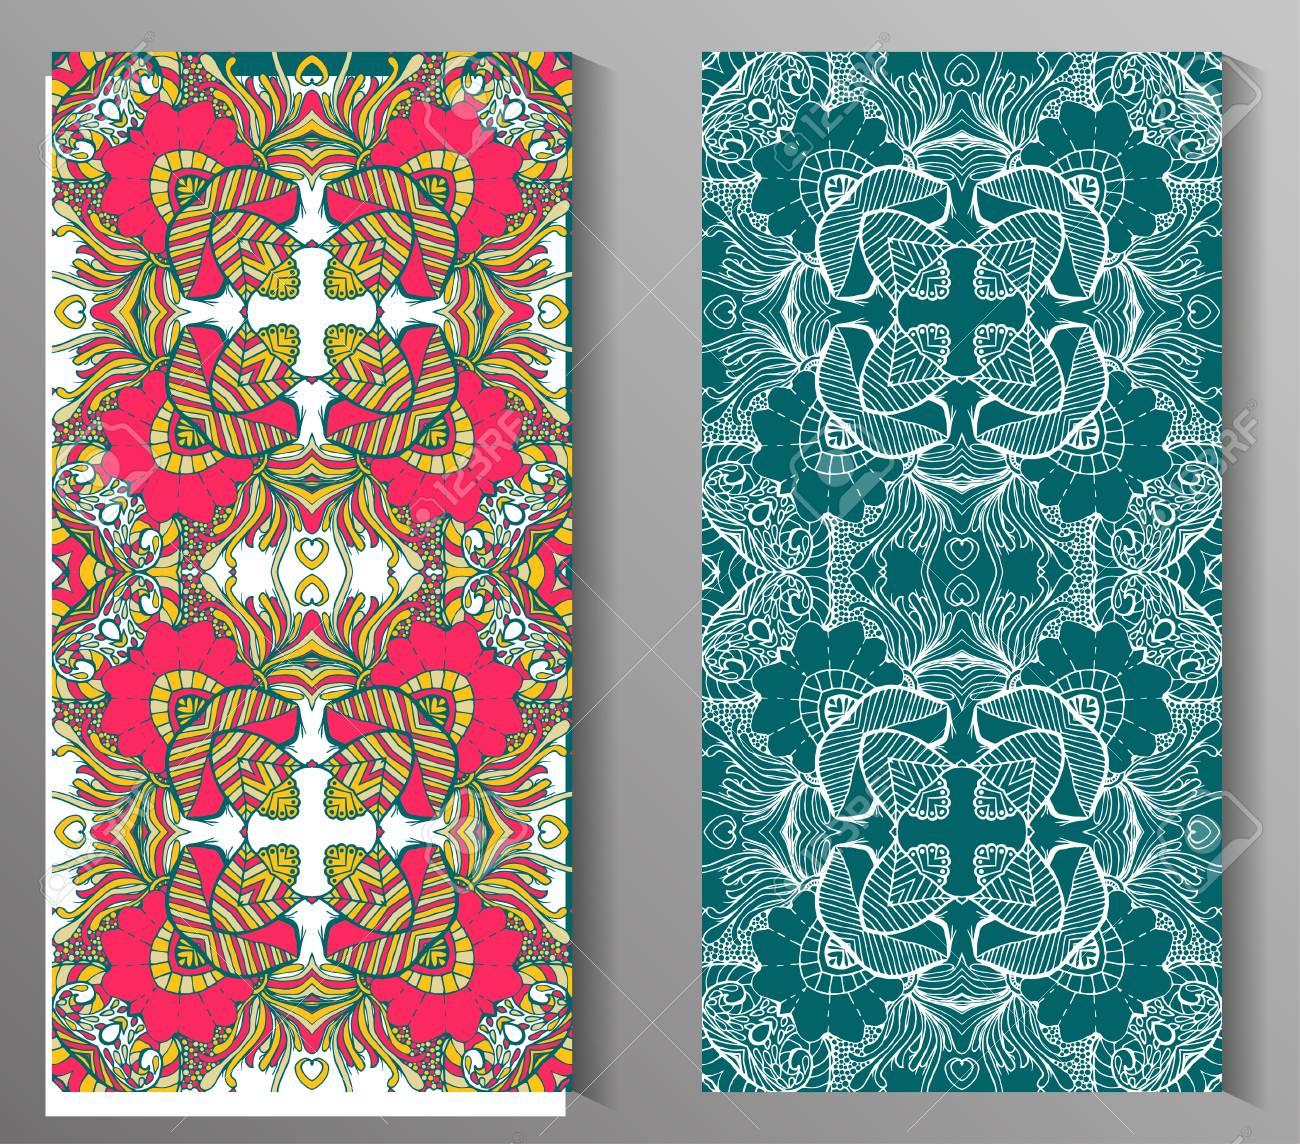 Juego De Dos Eamless Modelo Abstracto Textura De La Mano Dibujado